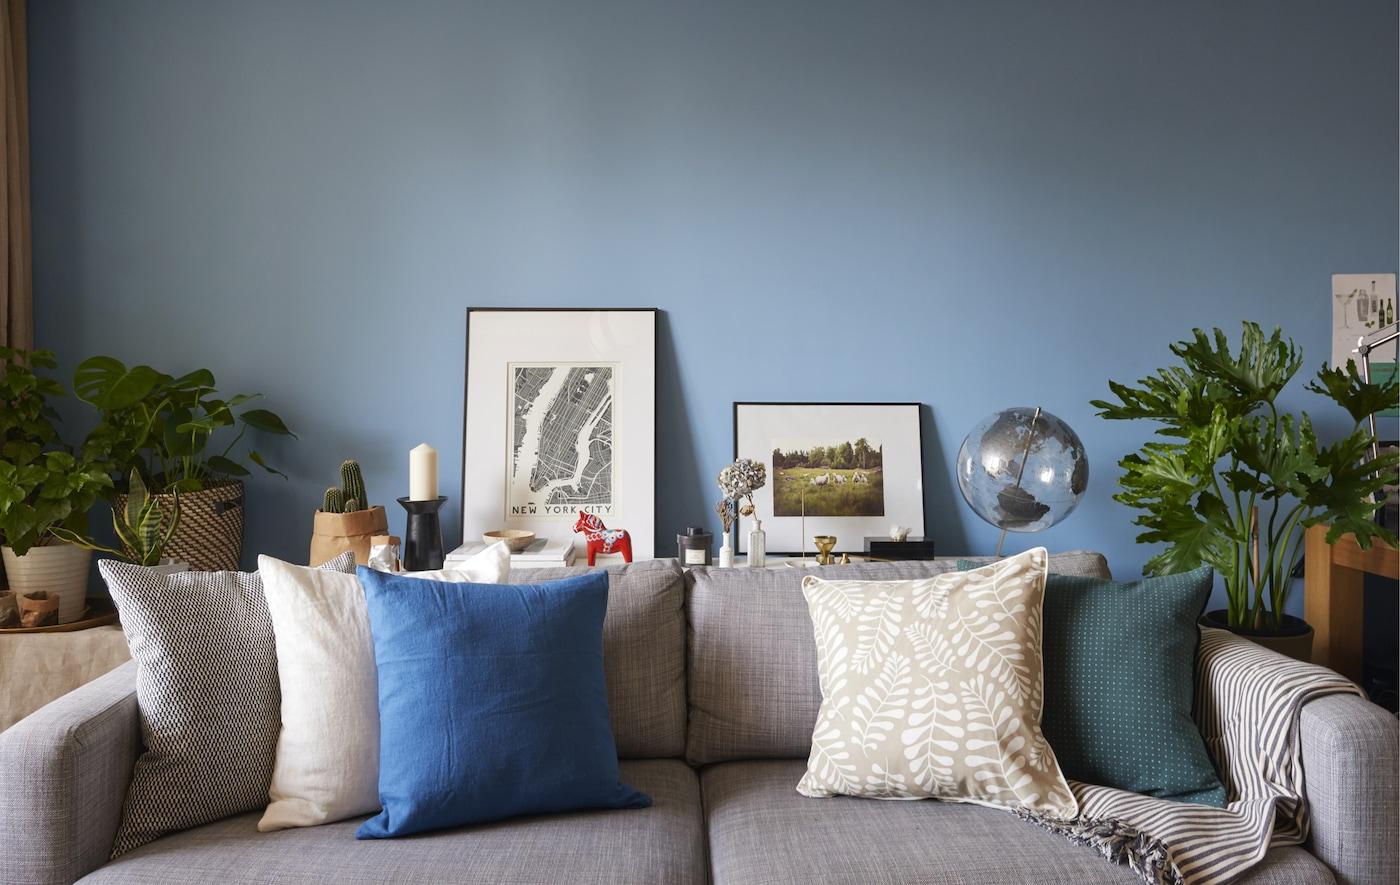 Kuxinak dituen sofa grisa horma urdin batean.